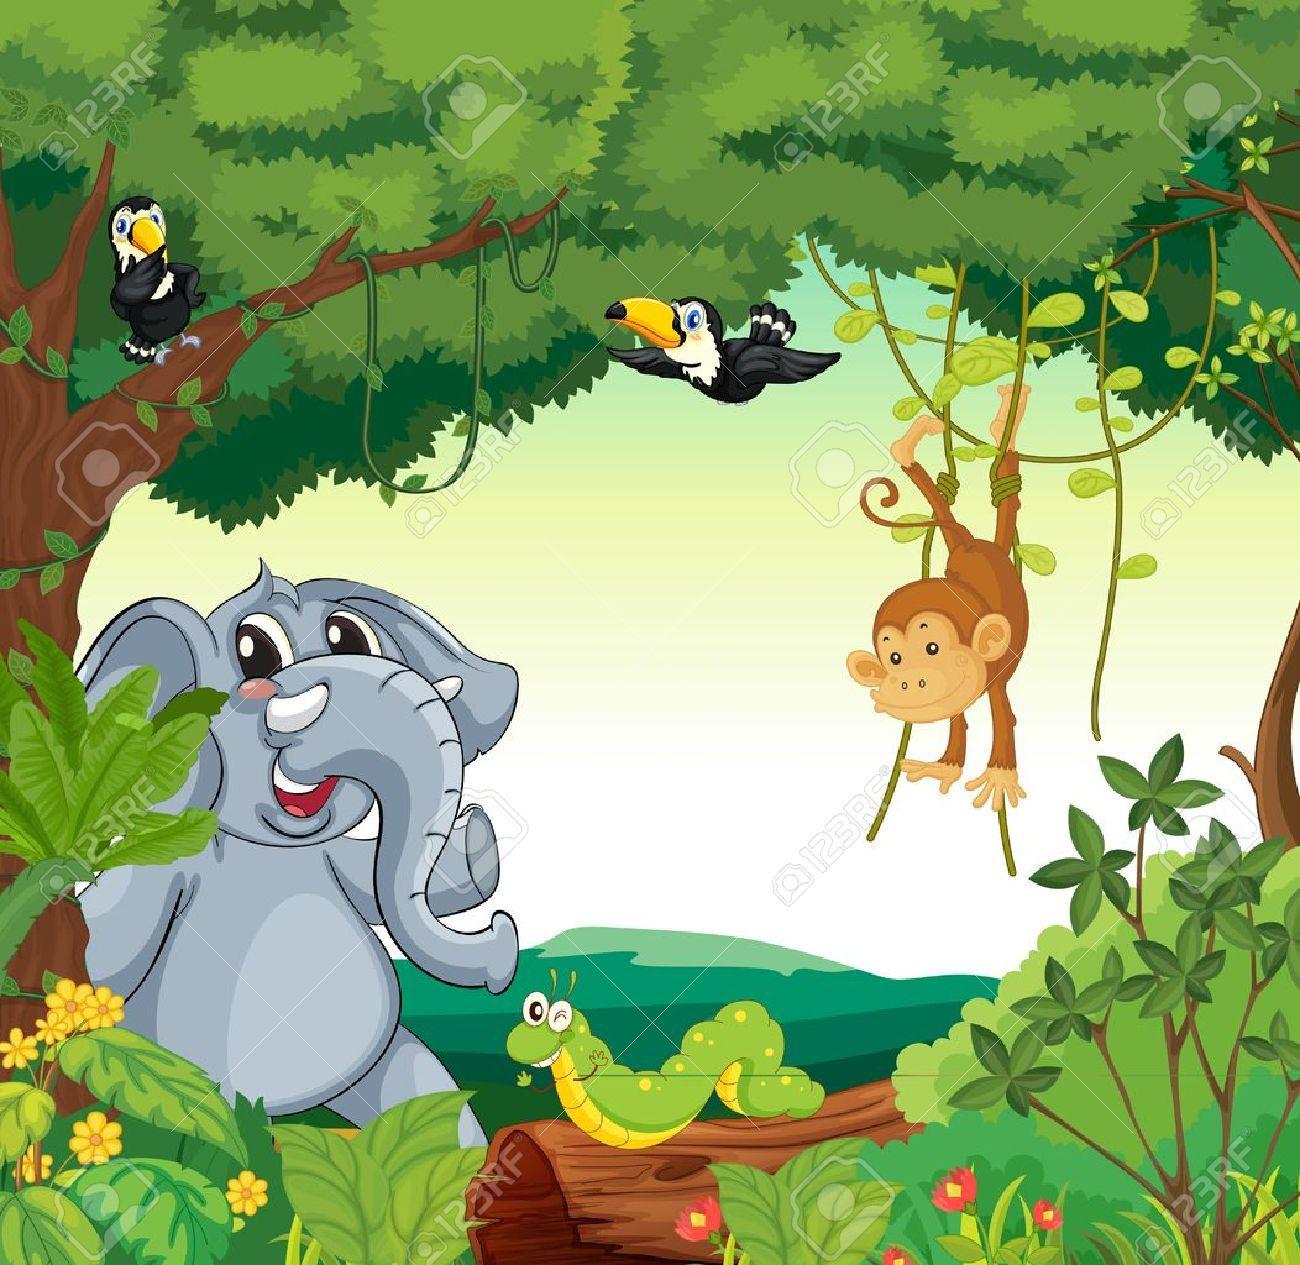 Zoo scene clipart 8 » Clipart Portal.